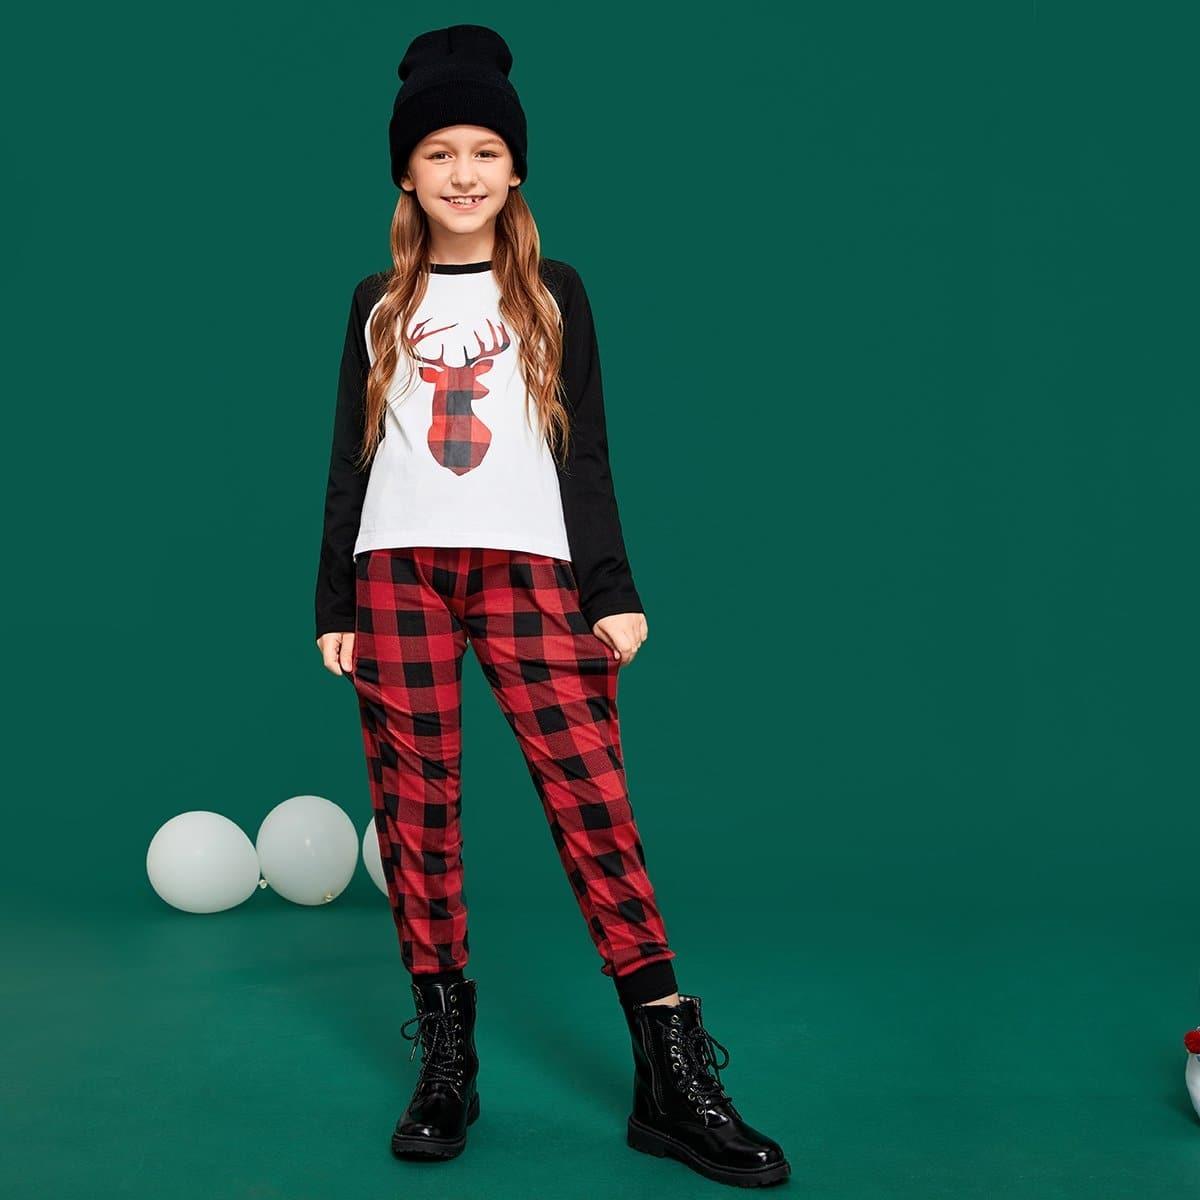 Футболка с рукав-регланами и брюки в клетку для девочек от SHEIN